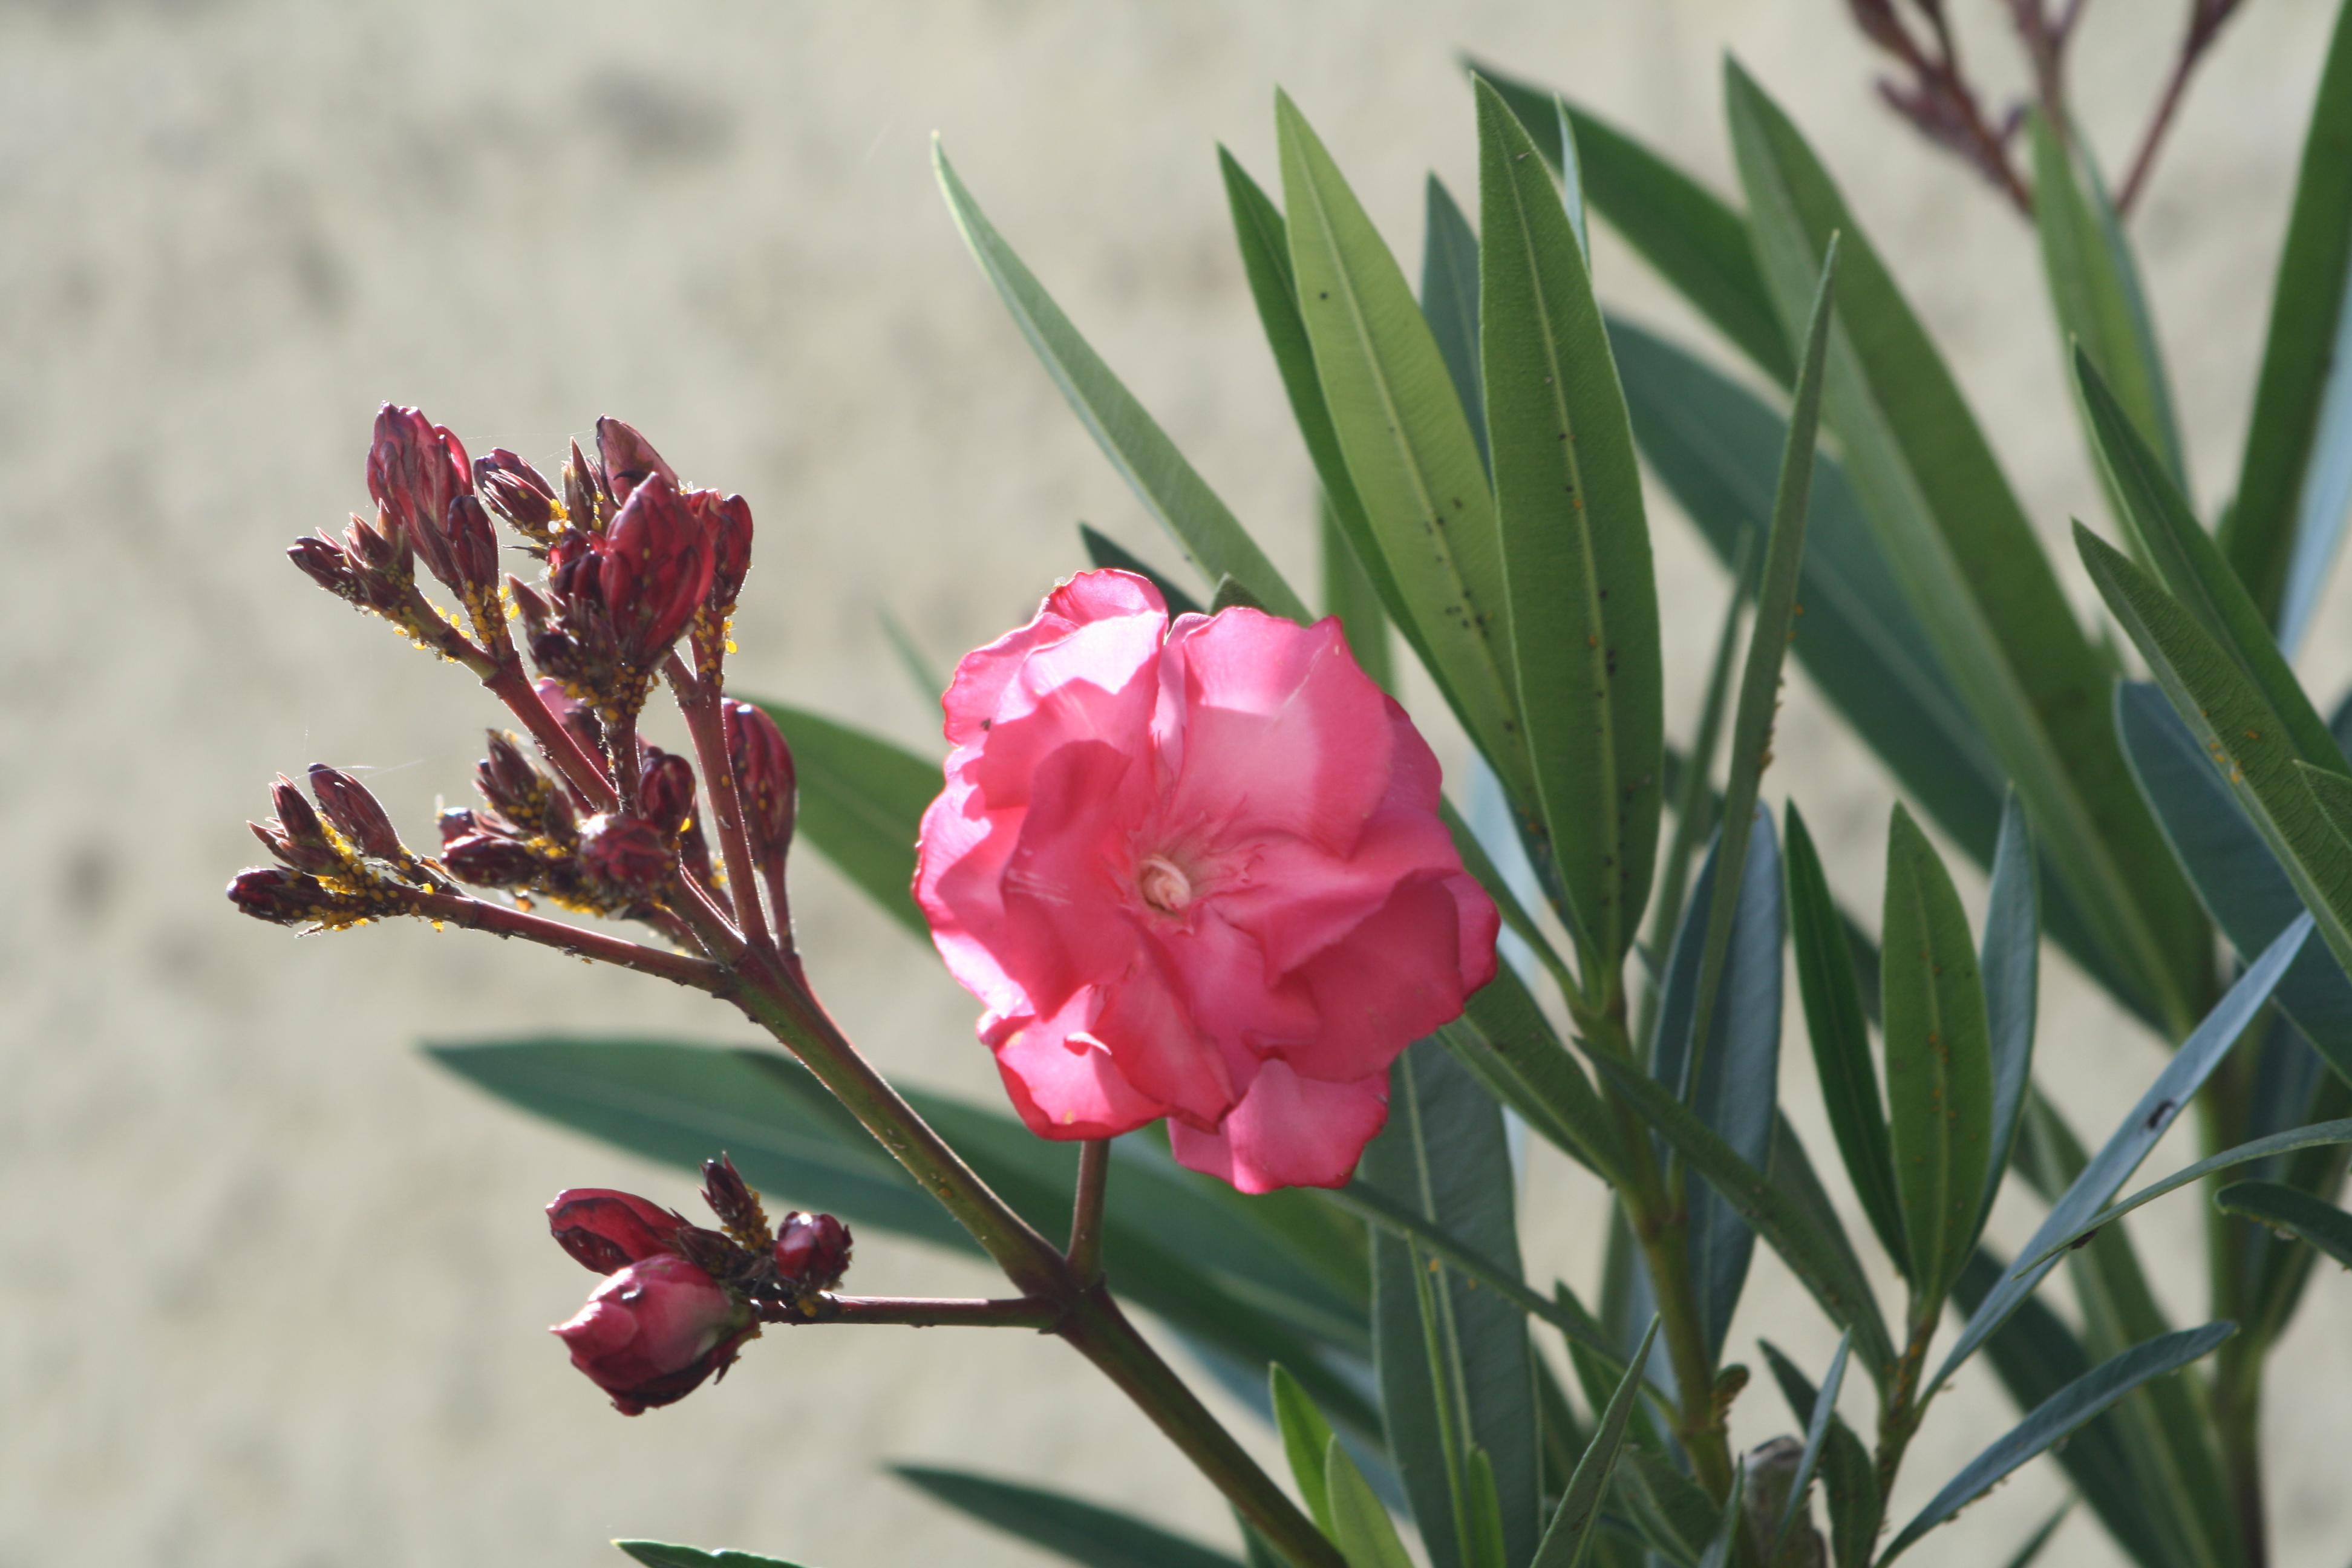 Datei:Unbekannte rote Blume.JPG – Wikipedia